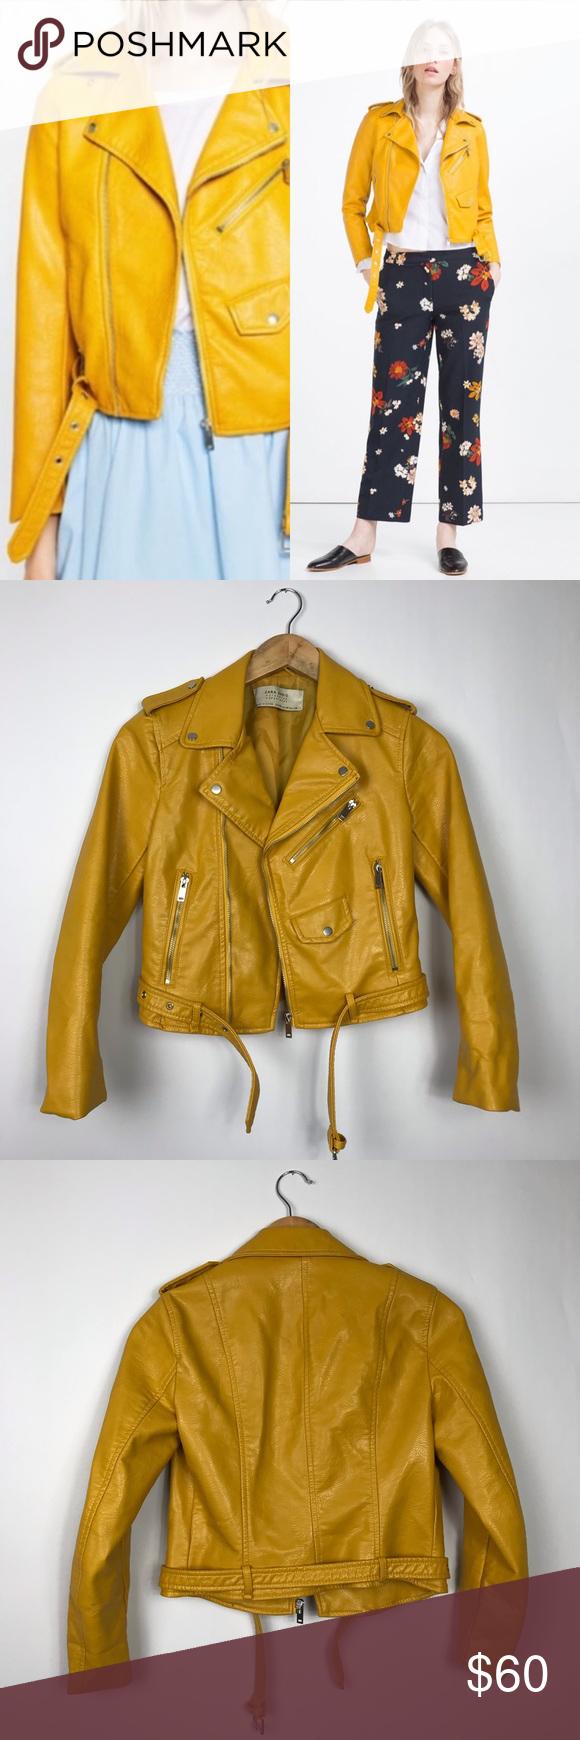 Zara yellow faux leather moto jacket Faux leather moto